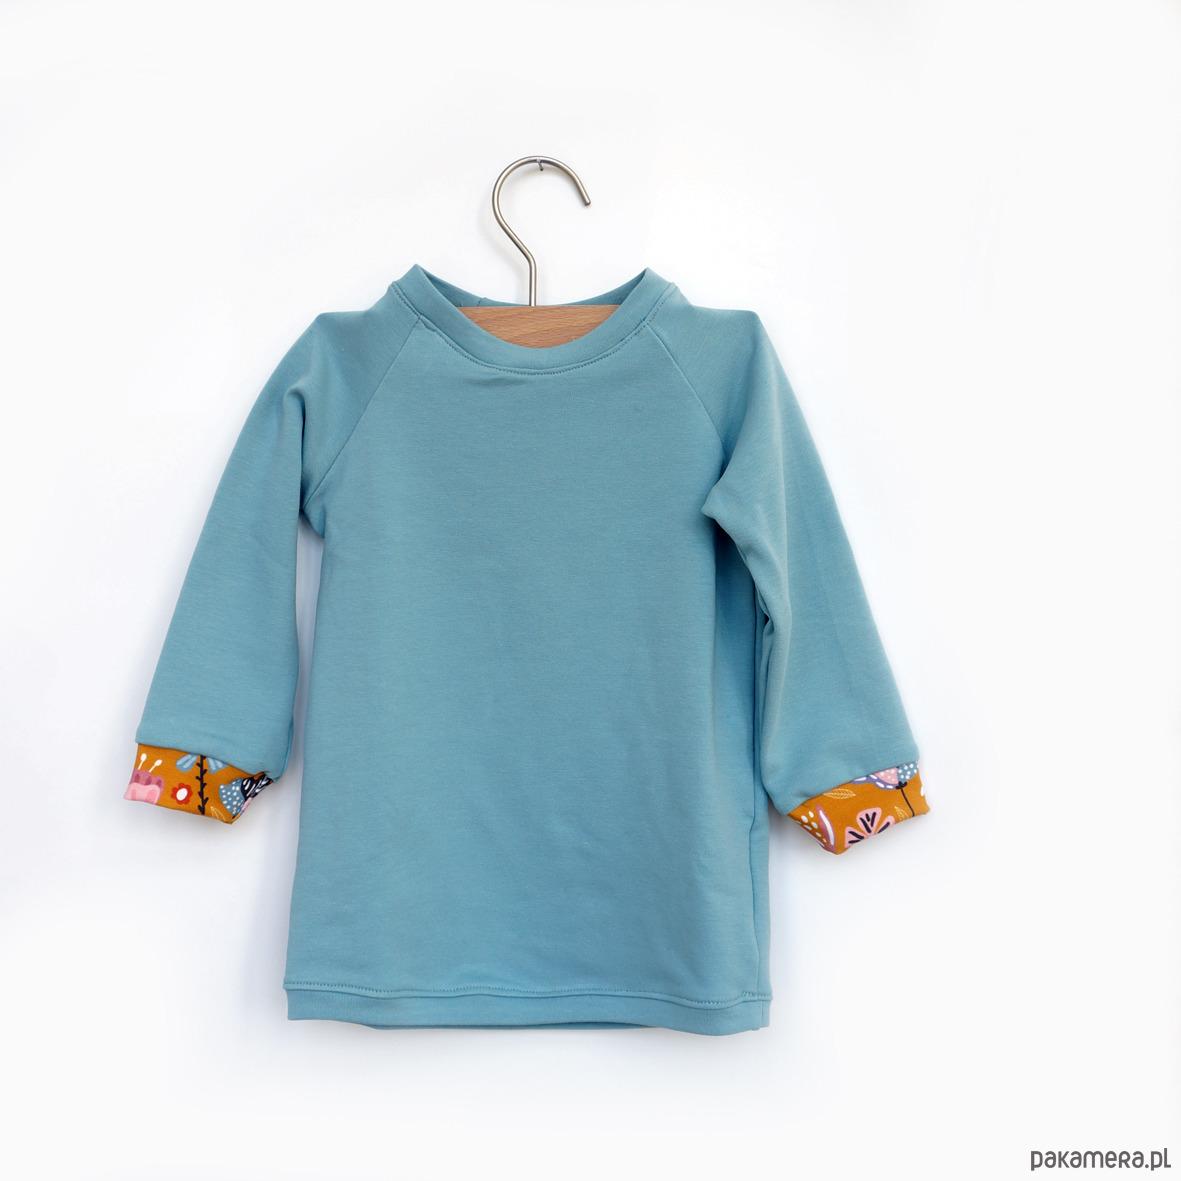 771ab75d Bluza dla dziewczynki LATO 74-128 cm - Pakamera.pl